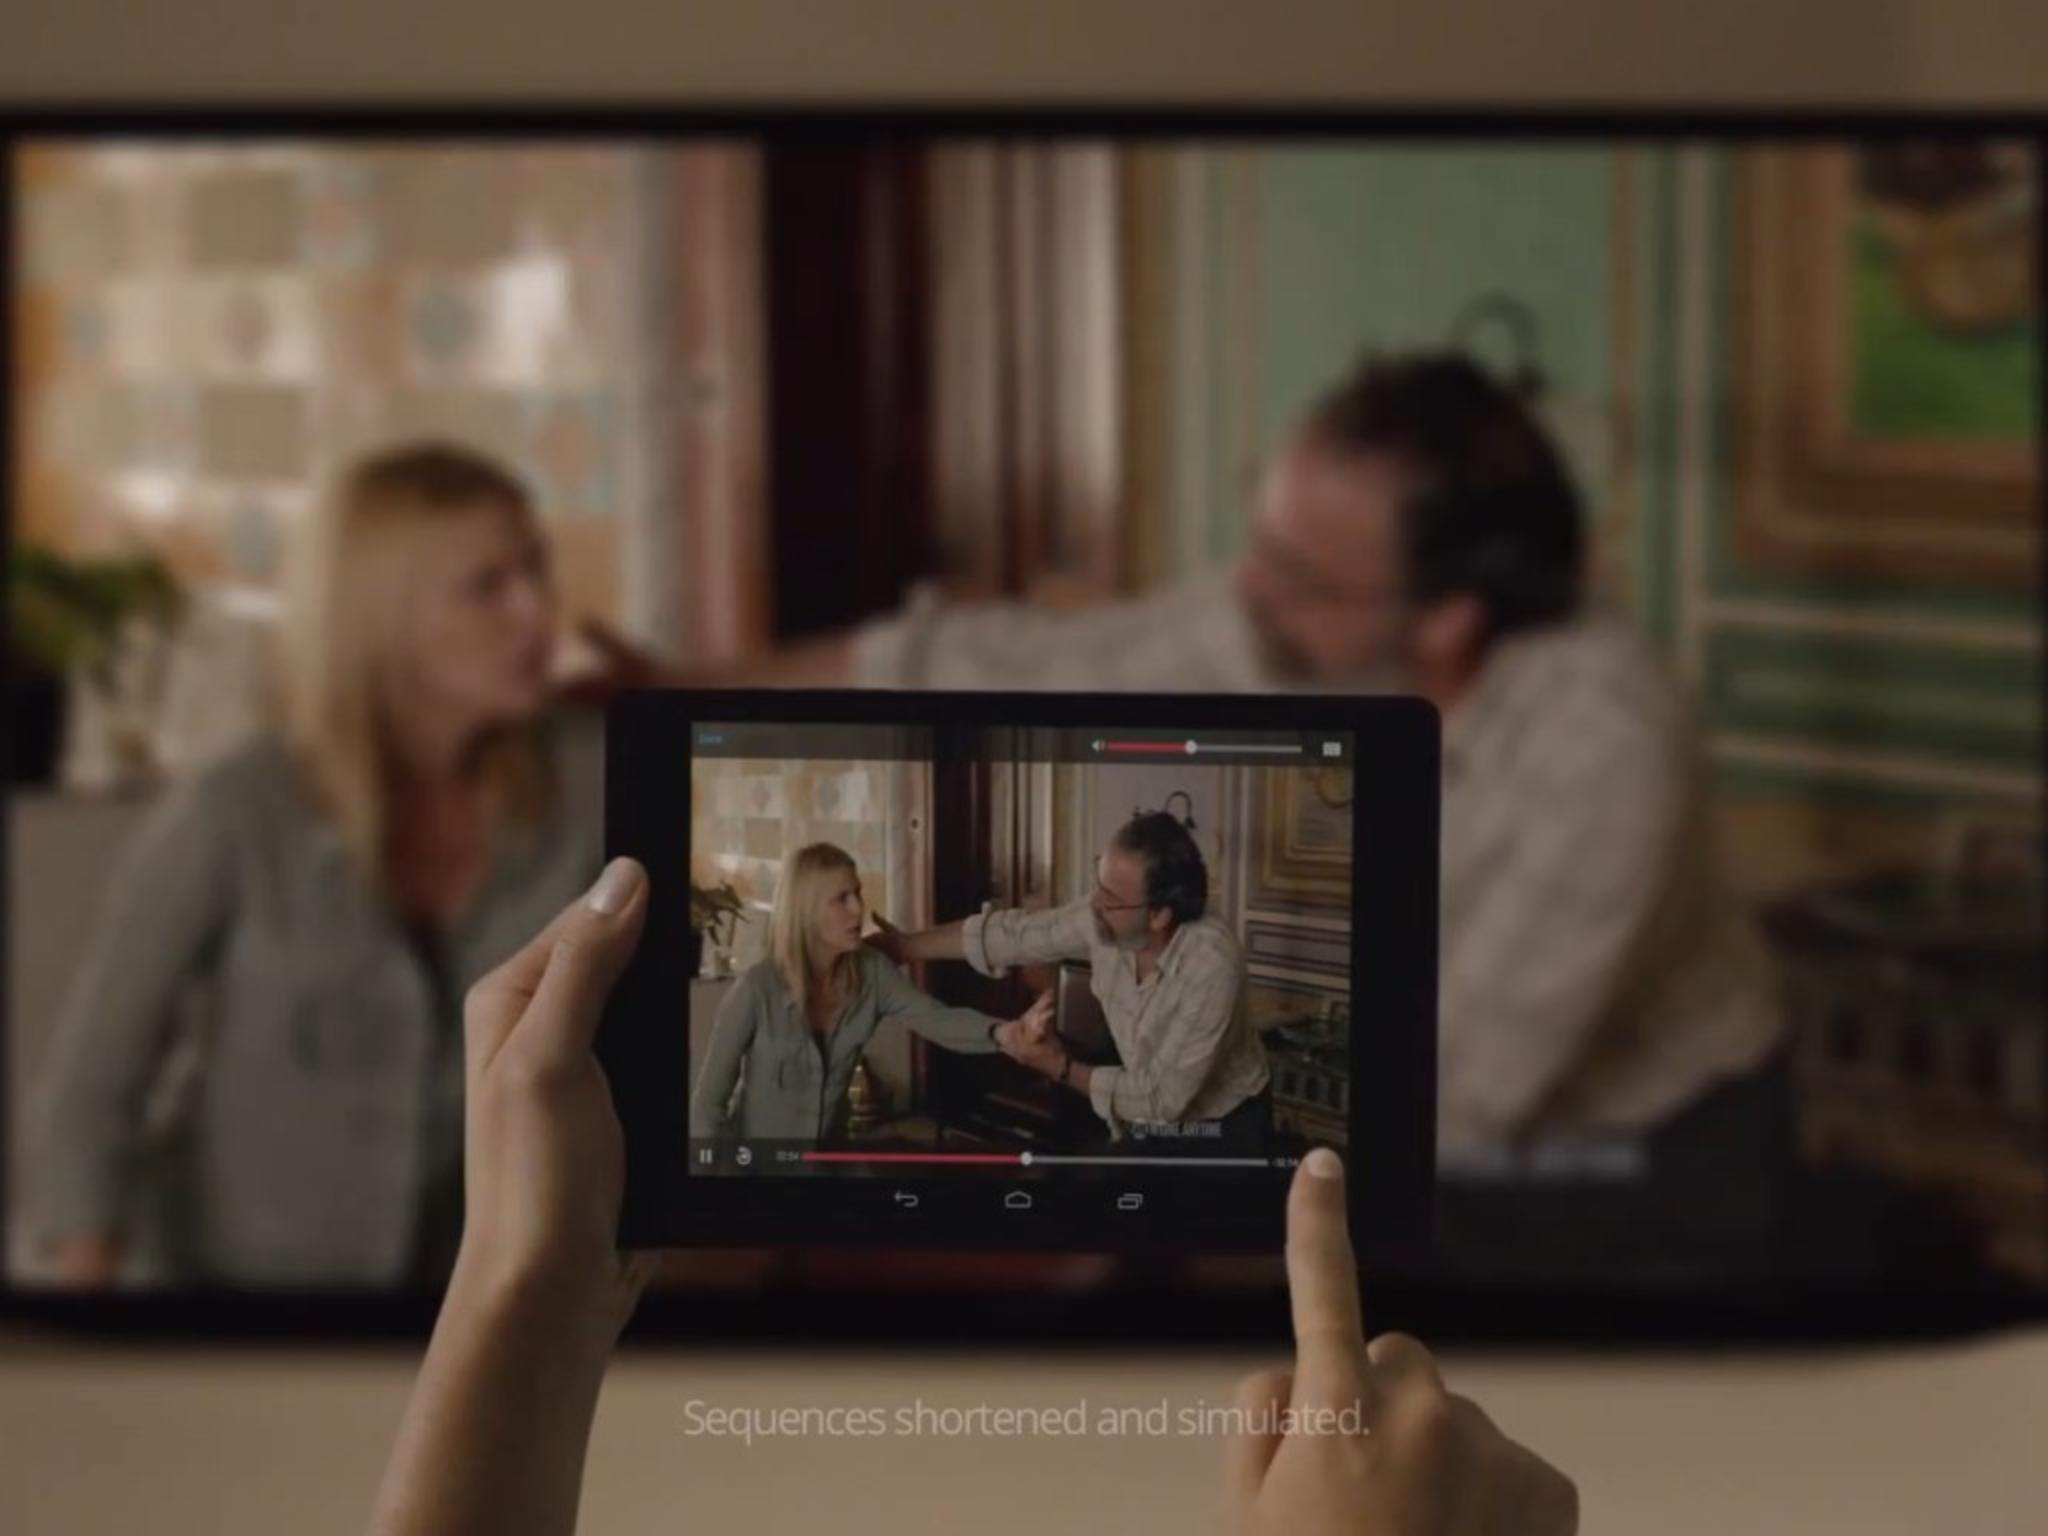 Über DVB-T kannst Du sowohl mobil als auch von Zuhause aus über Antenne TV-Signale empfangen.